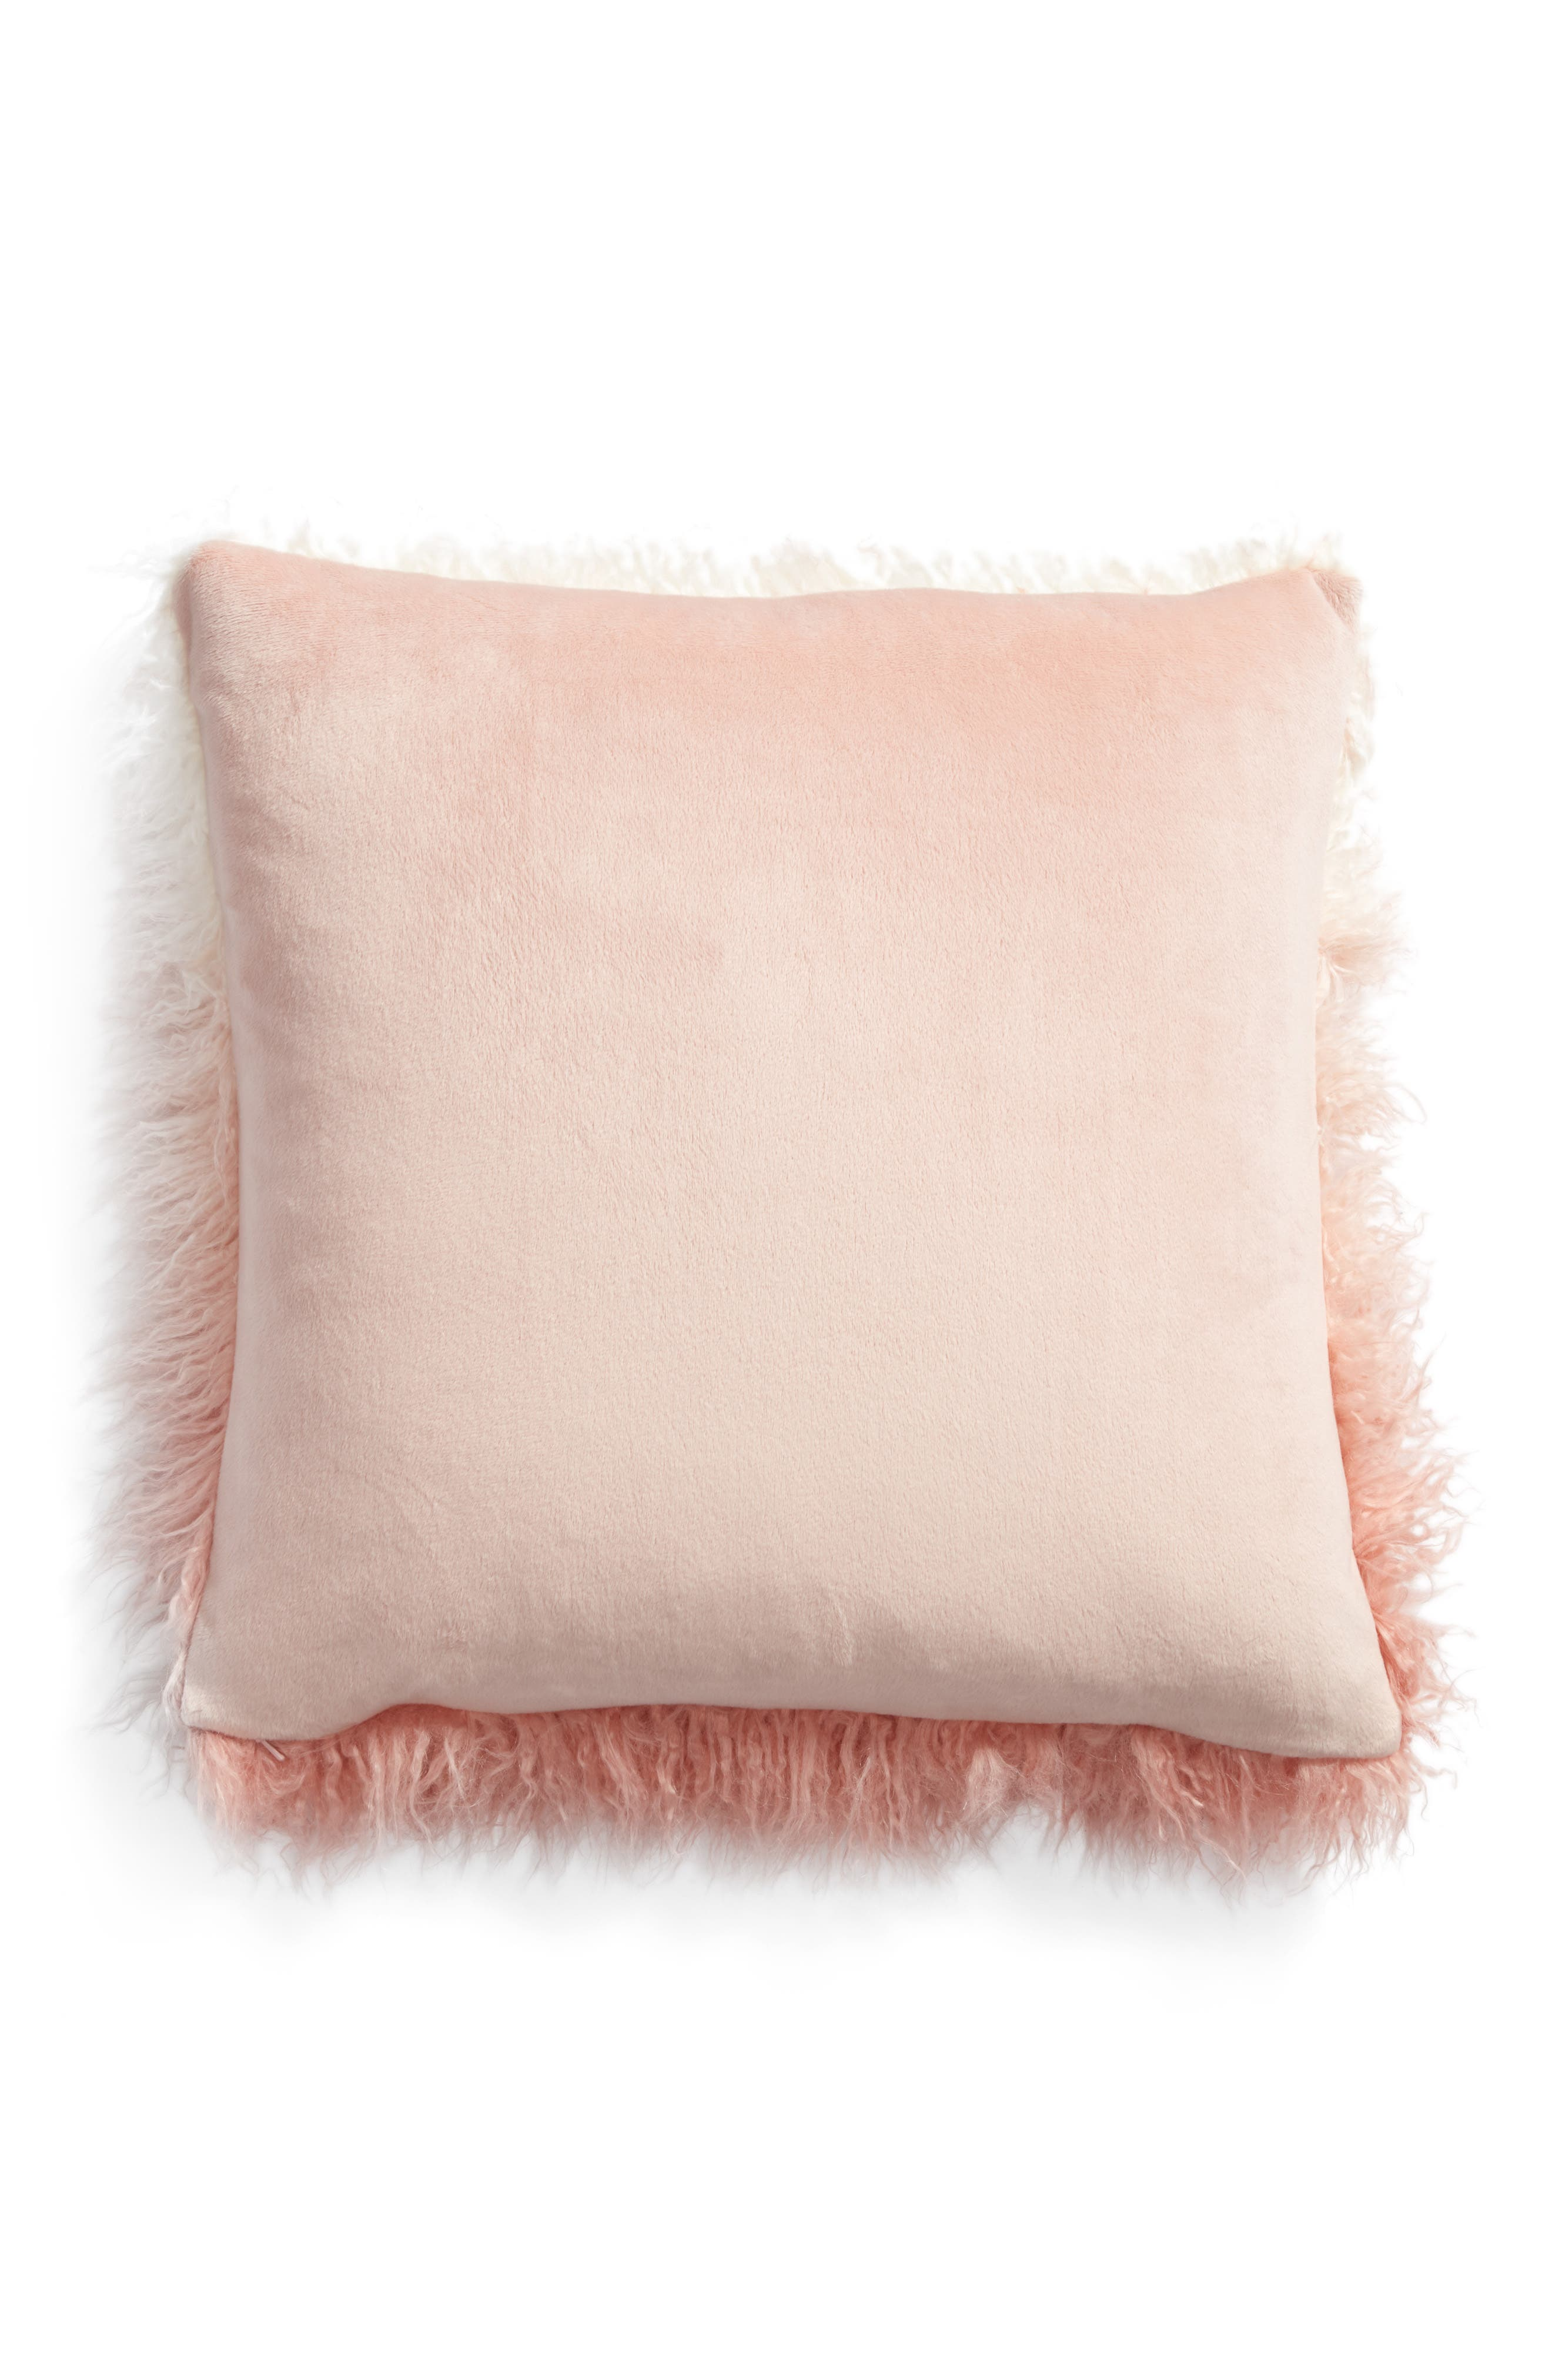 Ombré Faux Fur Flokati Accent Pillow,                             Alternate thumbnail 9, color,